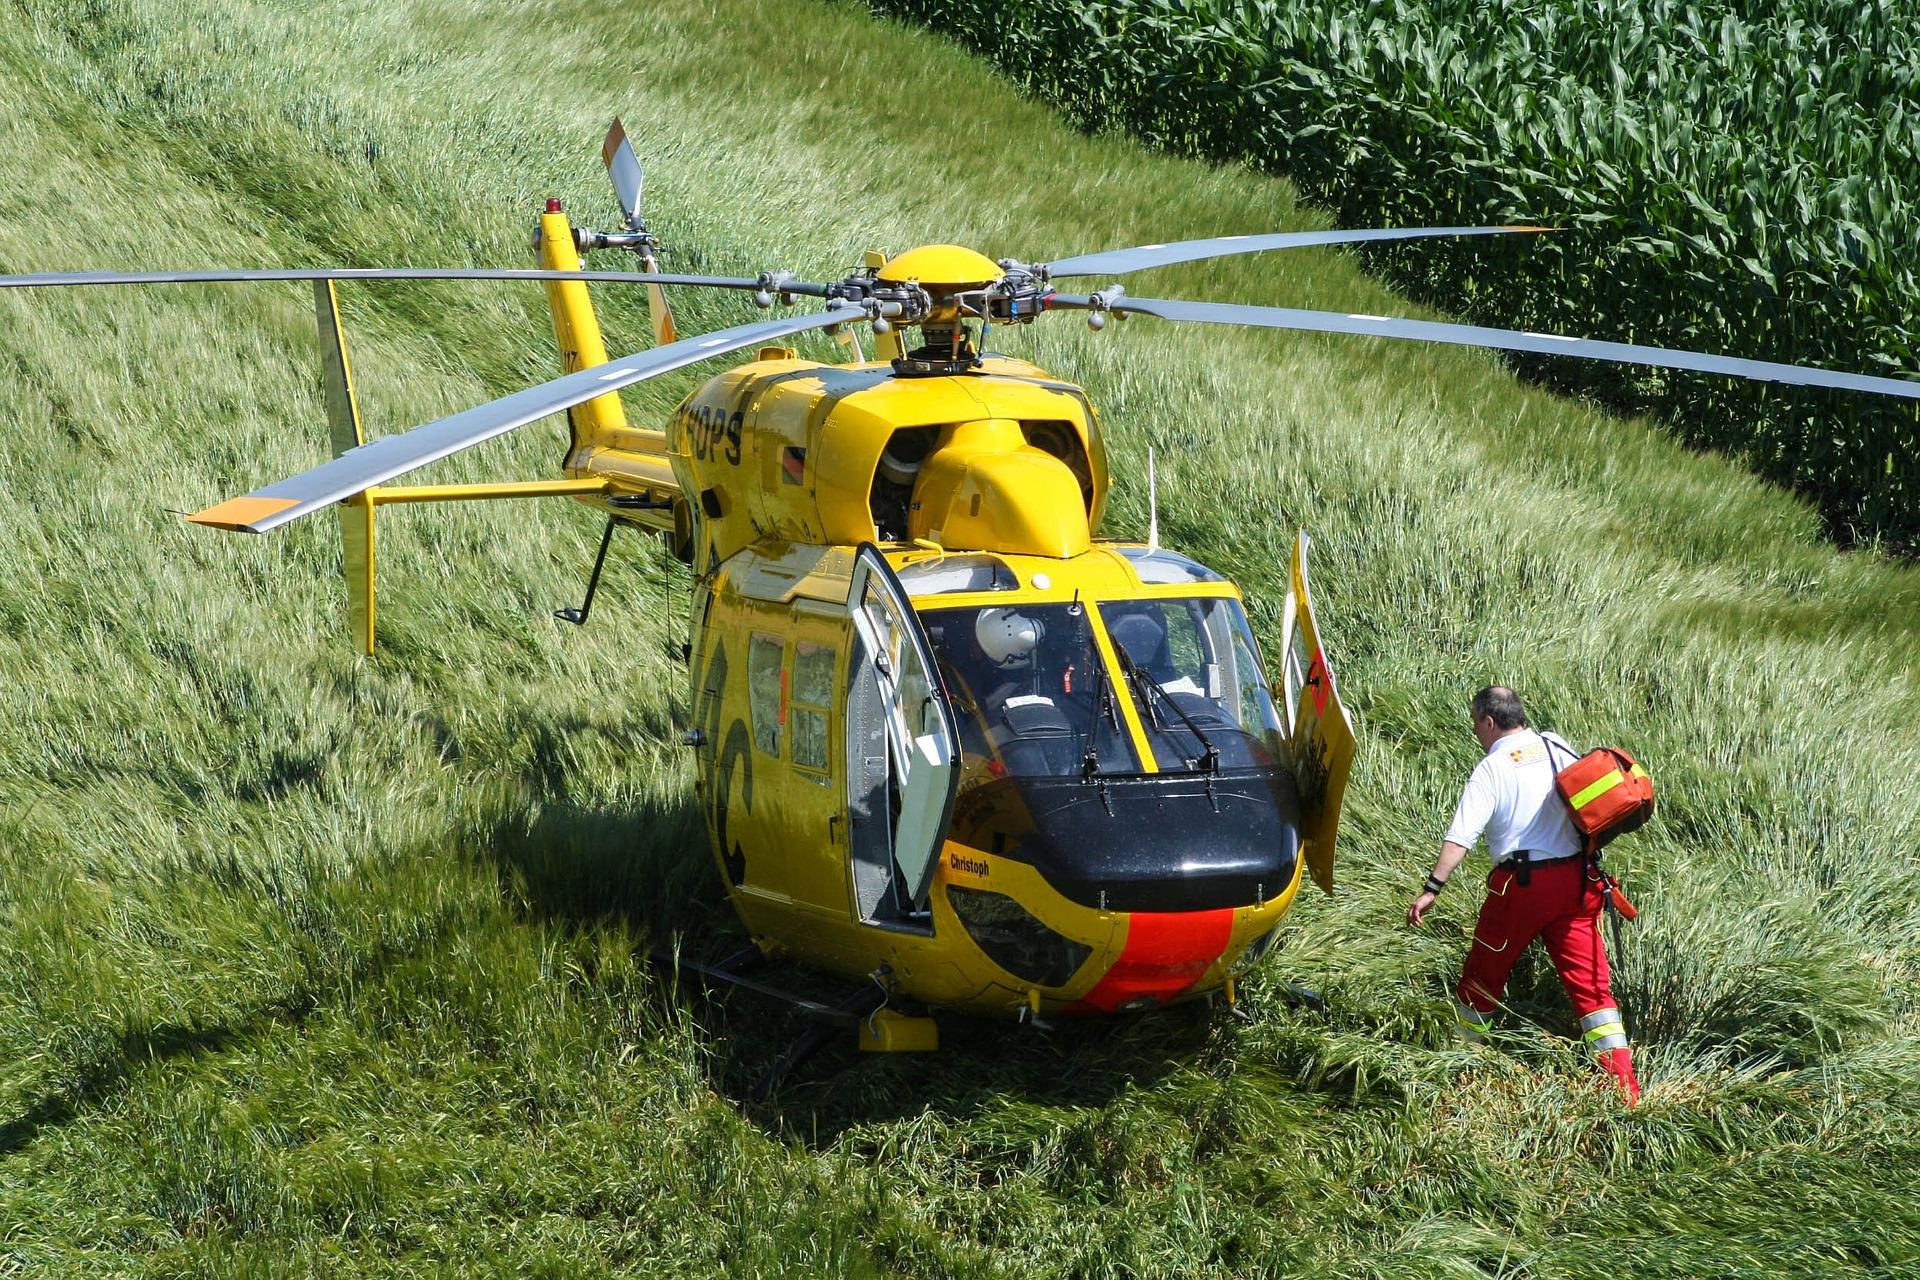 Wypadek w Woli Wadowskiej. Helikopter wezwany do dziecka - Zdjęcie główne